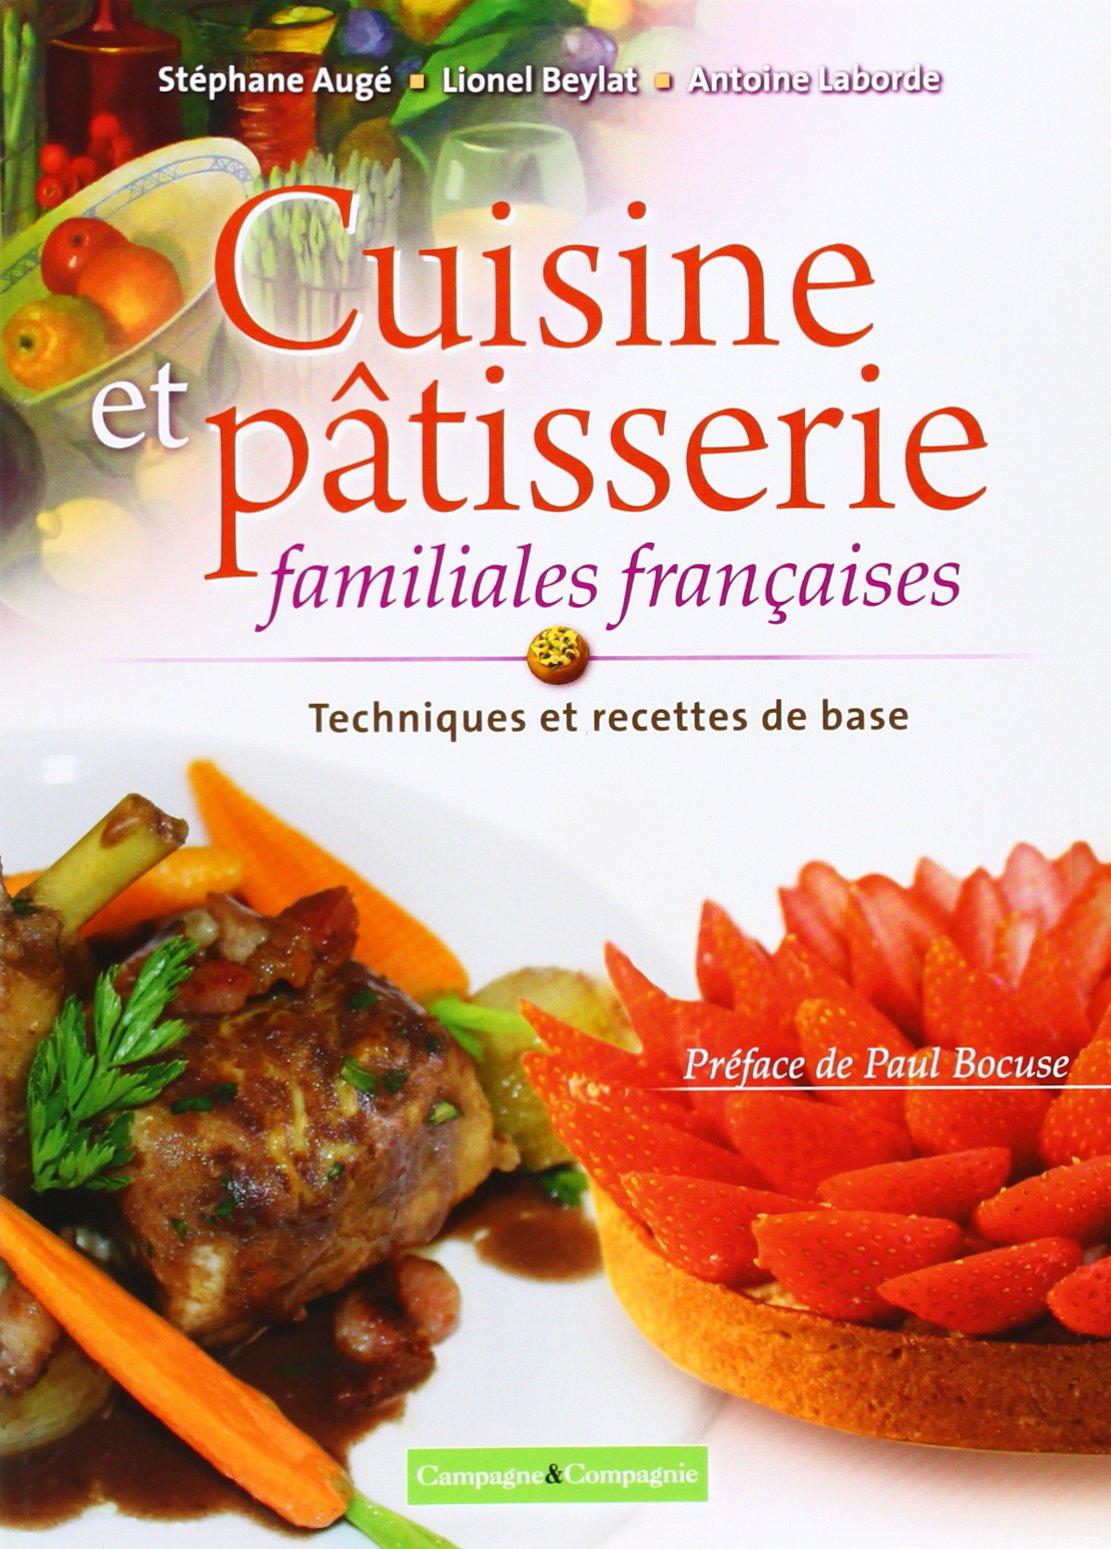 Cuisine et pâtisserie familiales françaises : Technique et recettes de base